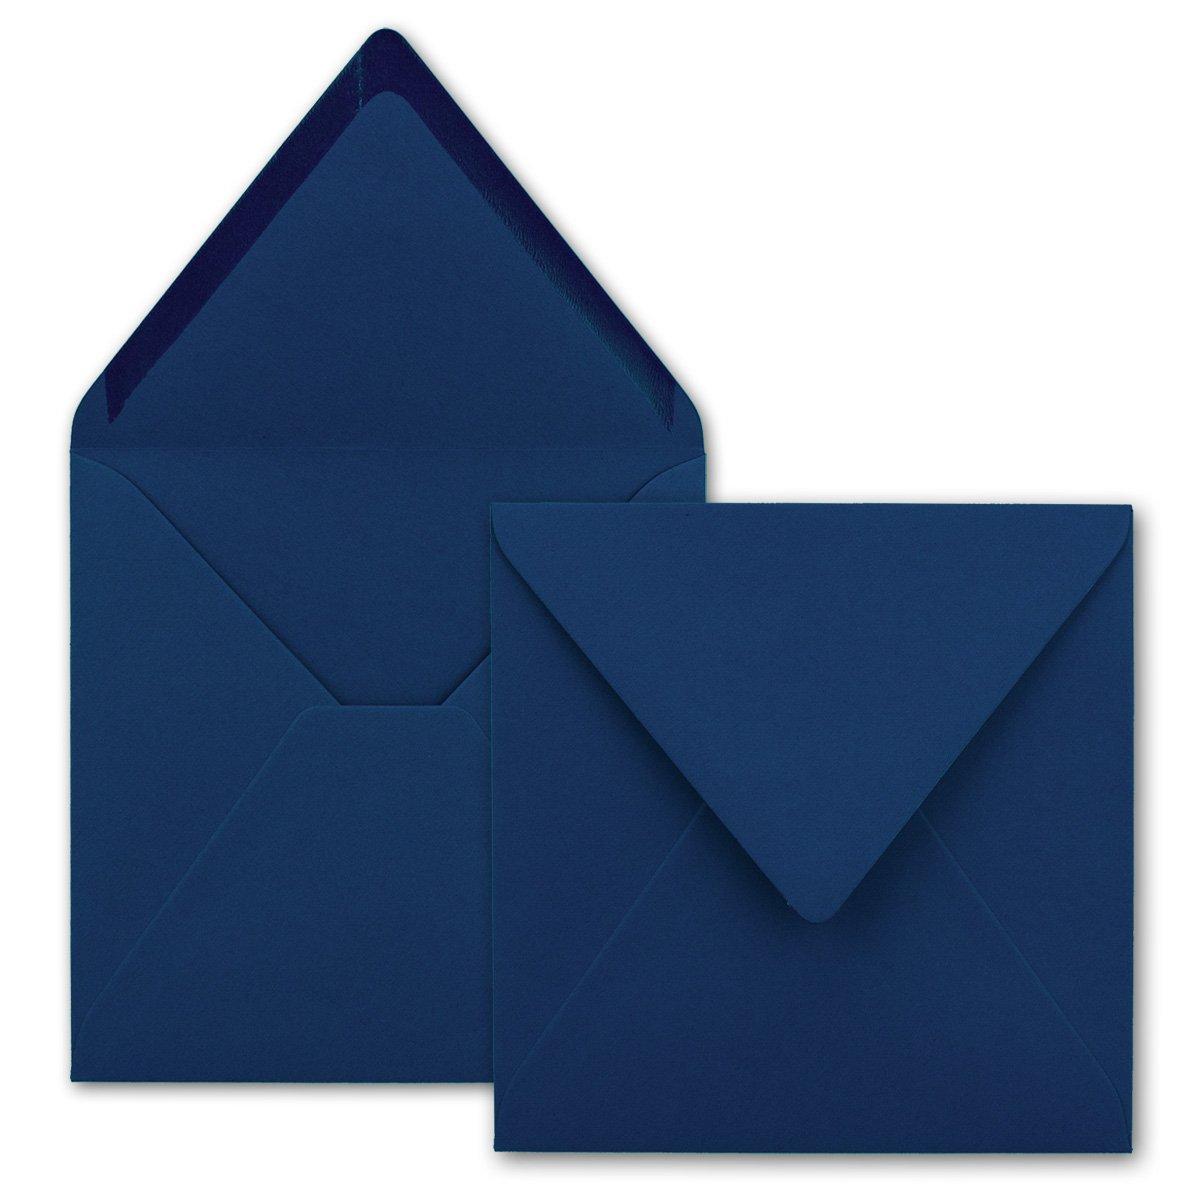 Quadratische Brief-Umschläge - Farbe Hochweiss     150 Stück   155 x 155 mm   Nassklebung   Für Einladungen & Hochzeit    Serie FarbenFroh® B07D2FYLYB   Spielzeugwelt, fröhlicher Ozean  abed3c